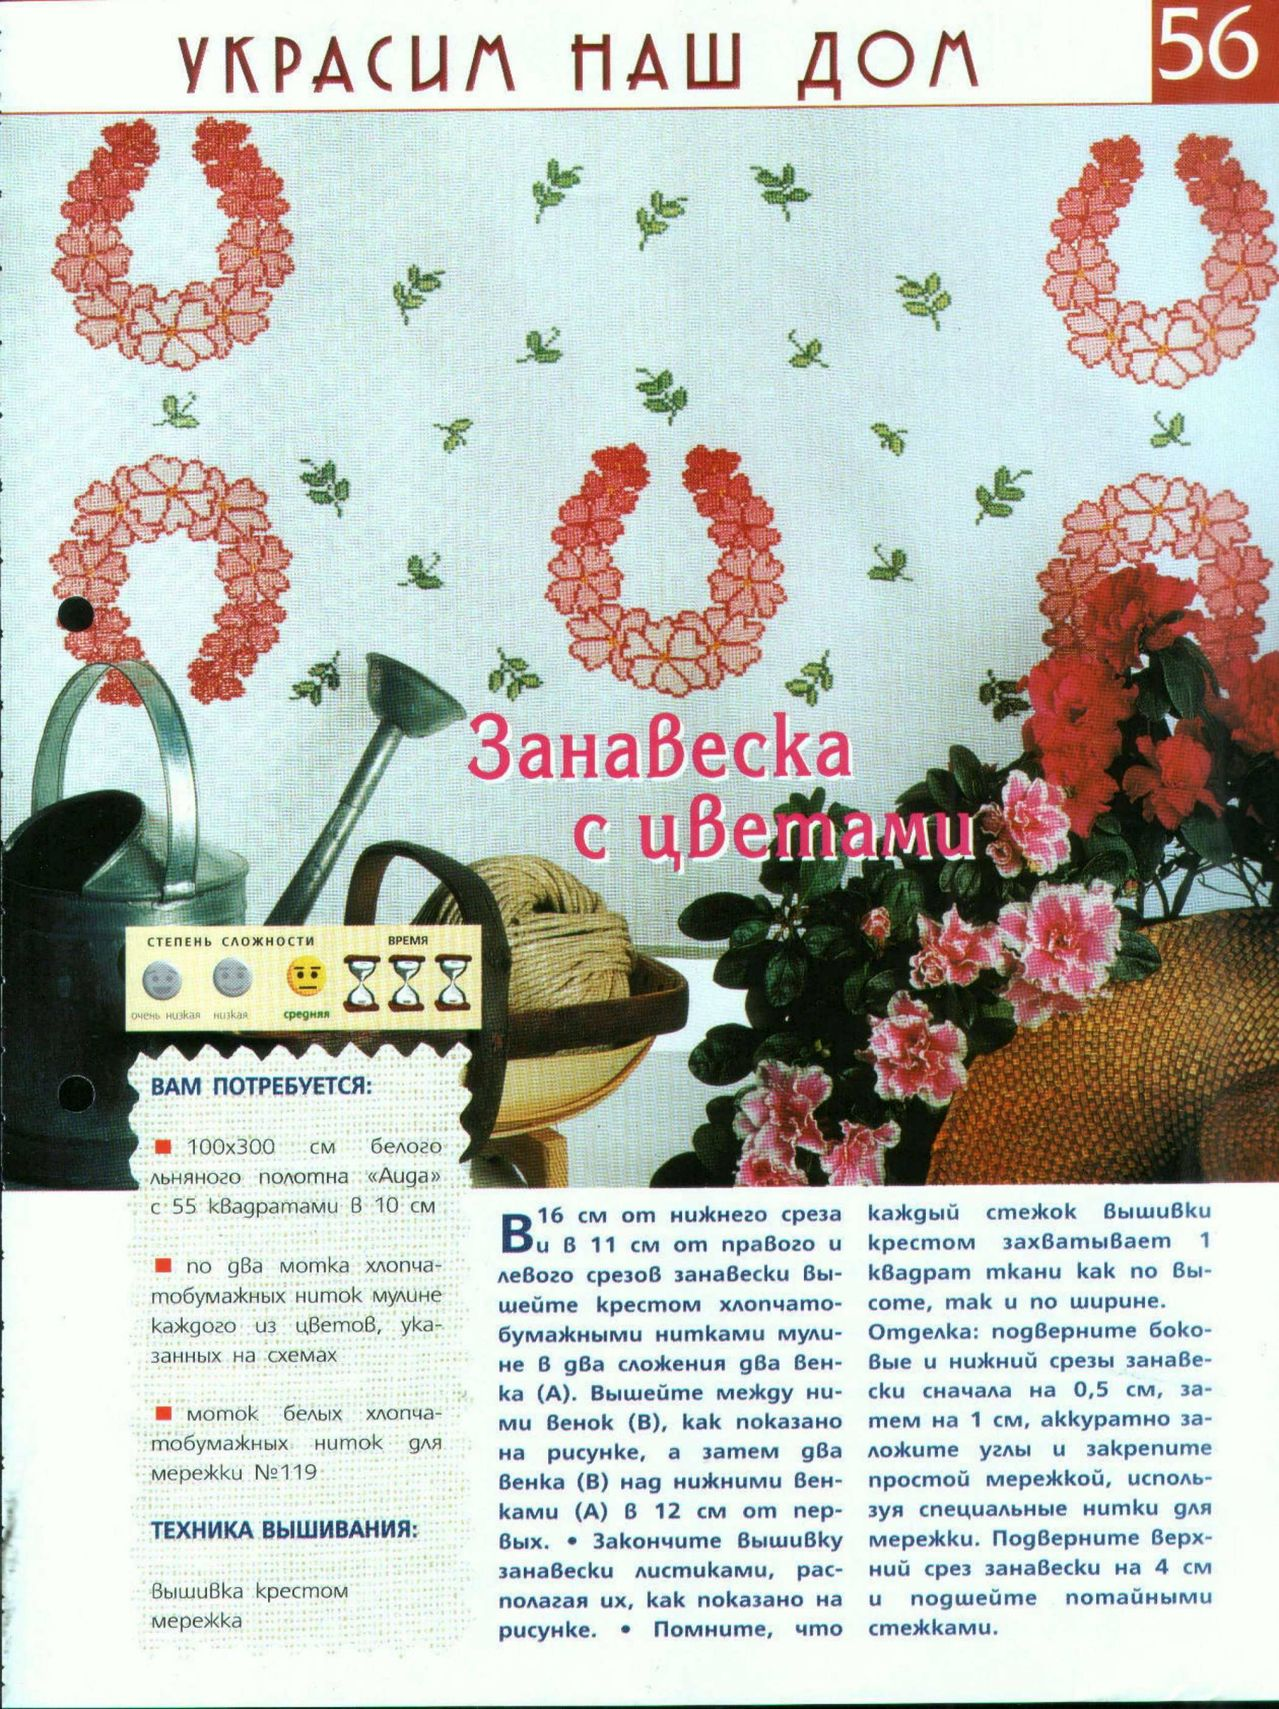 День россии картинки поздравления